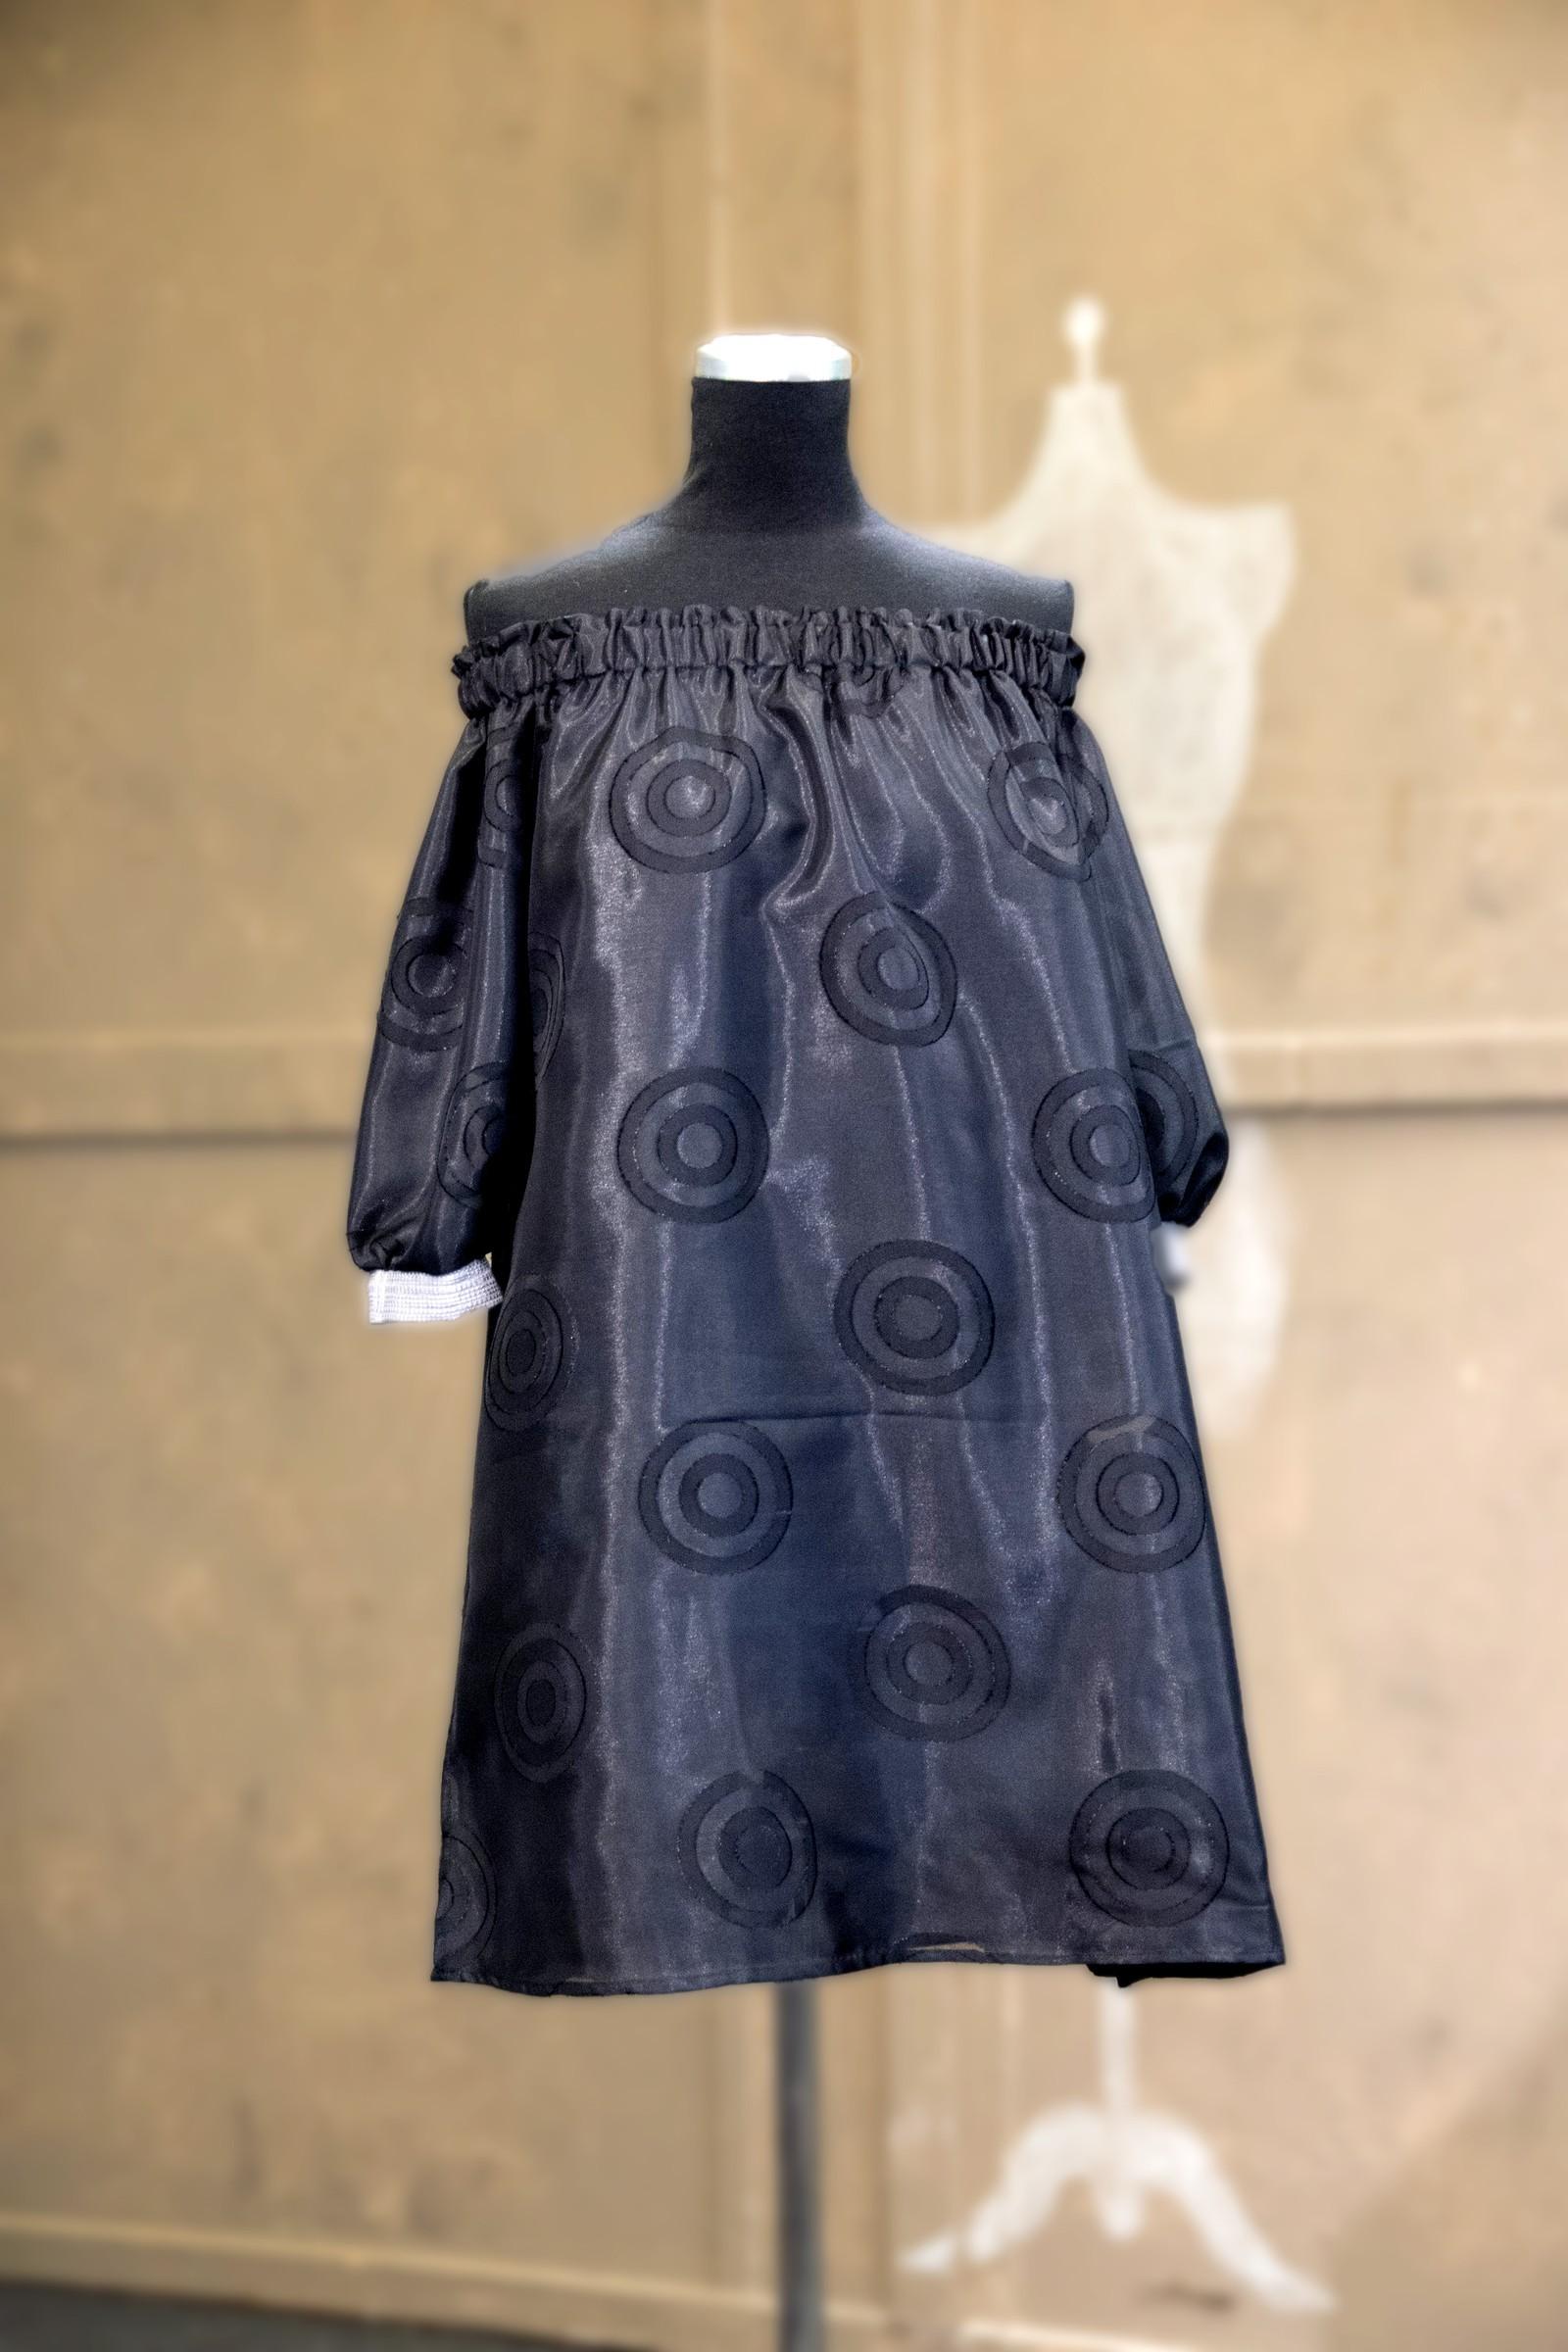 Trudie sin bluse var annerledes enn de andre sin. Hun hadde valgt å sy blusen sin i et vanskelig stoff. Blusen var lik foran og bak.